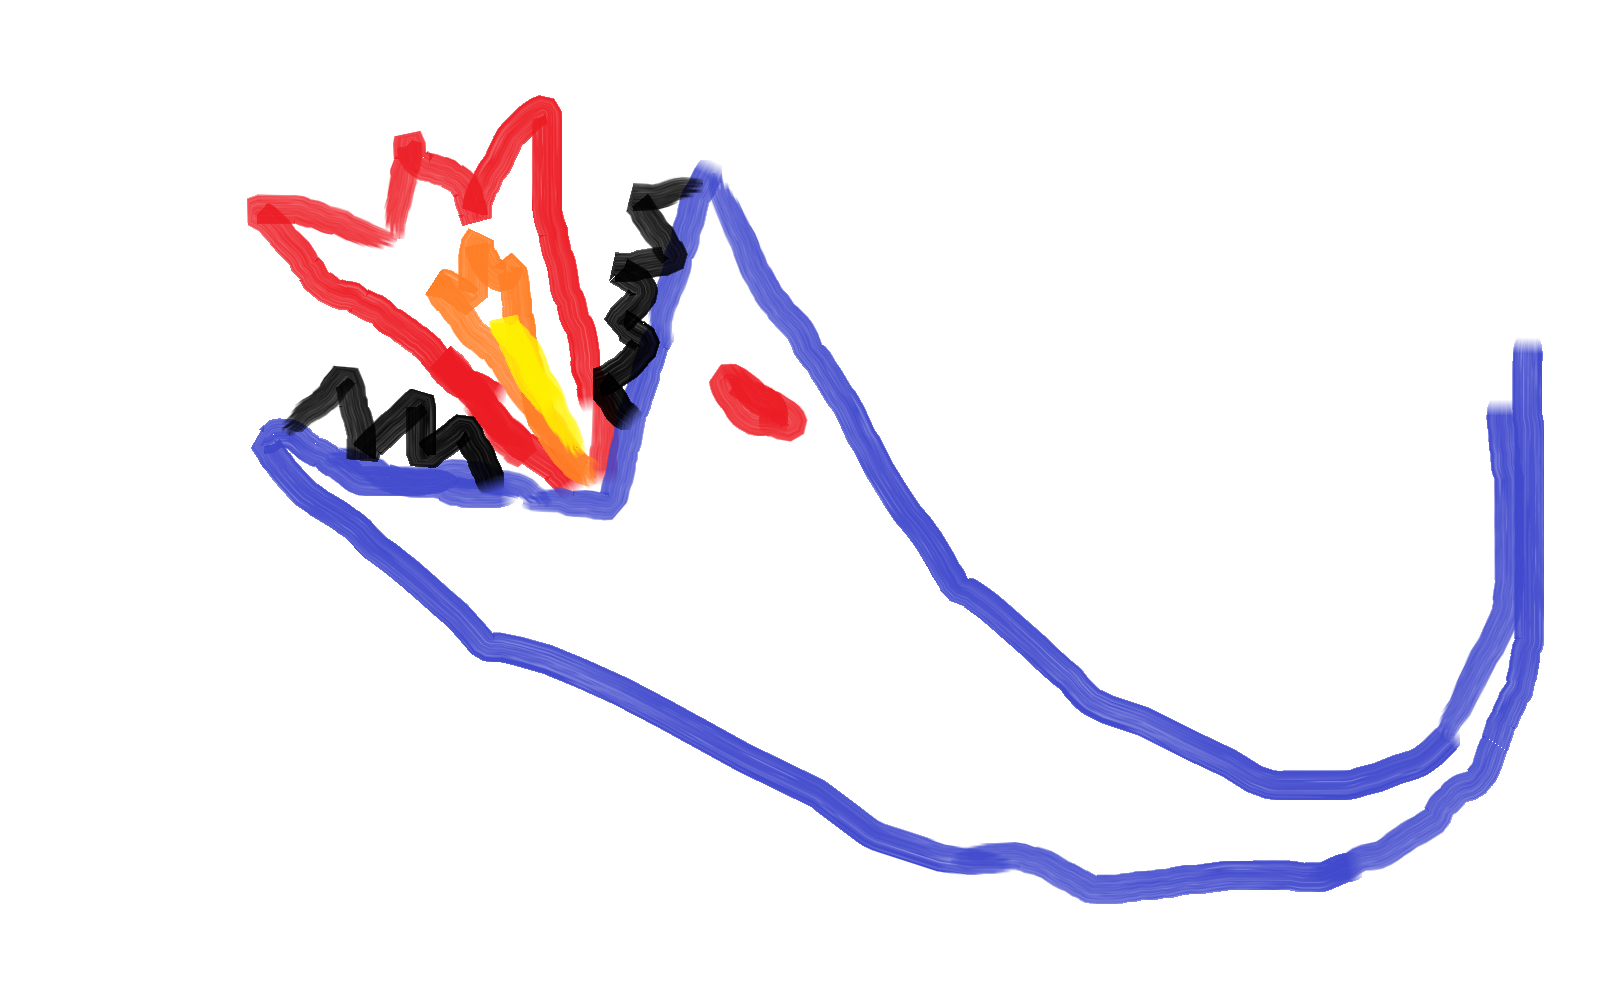 Indigo dragon